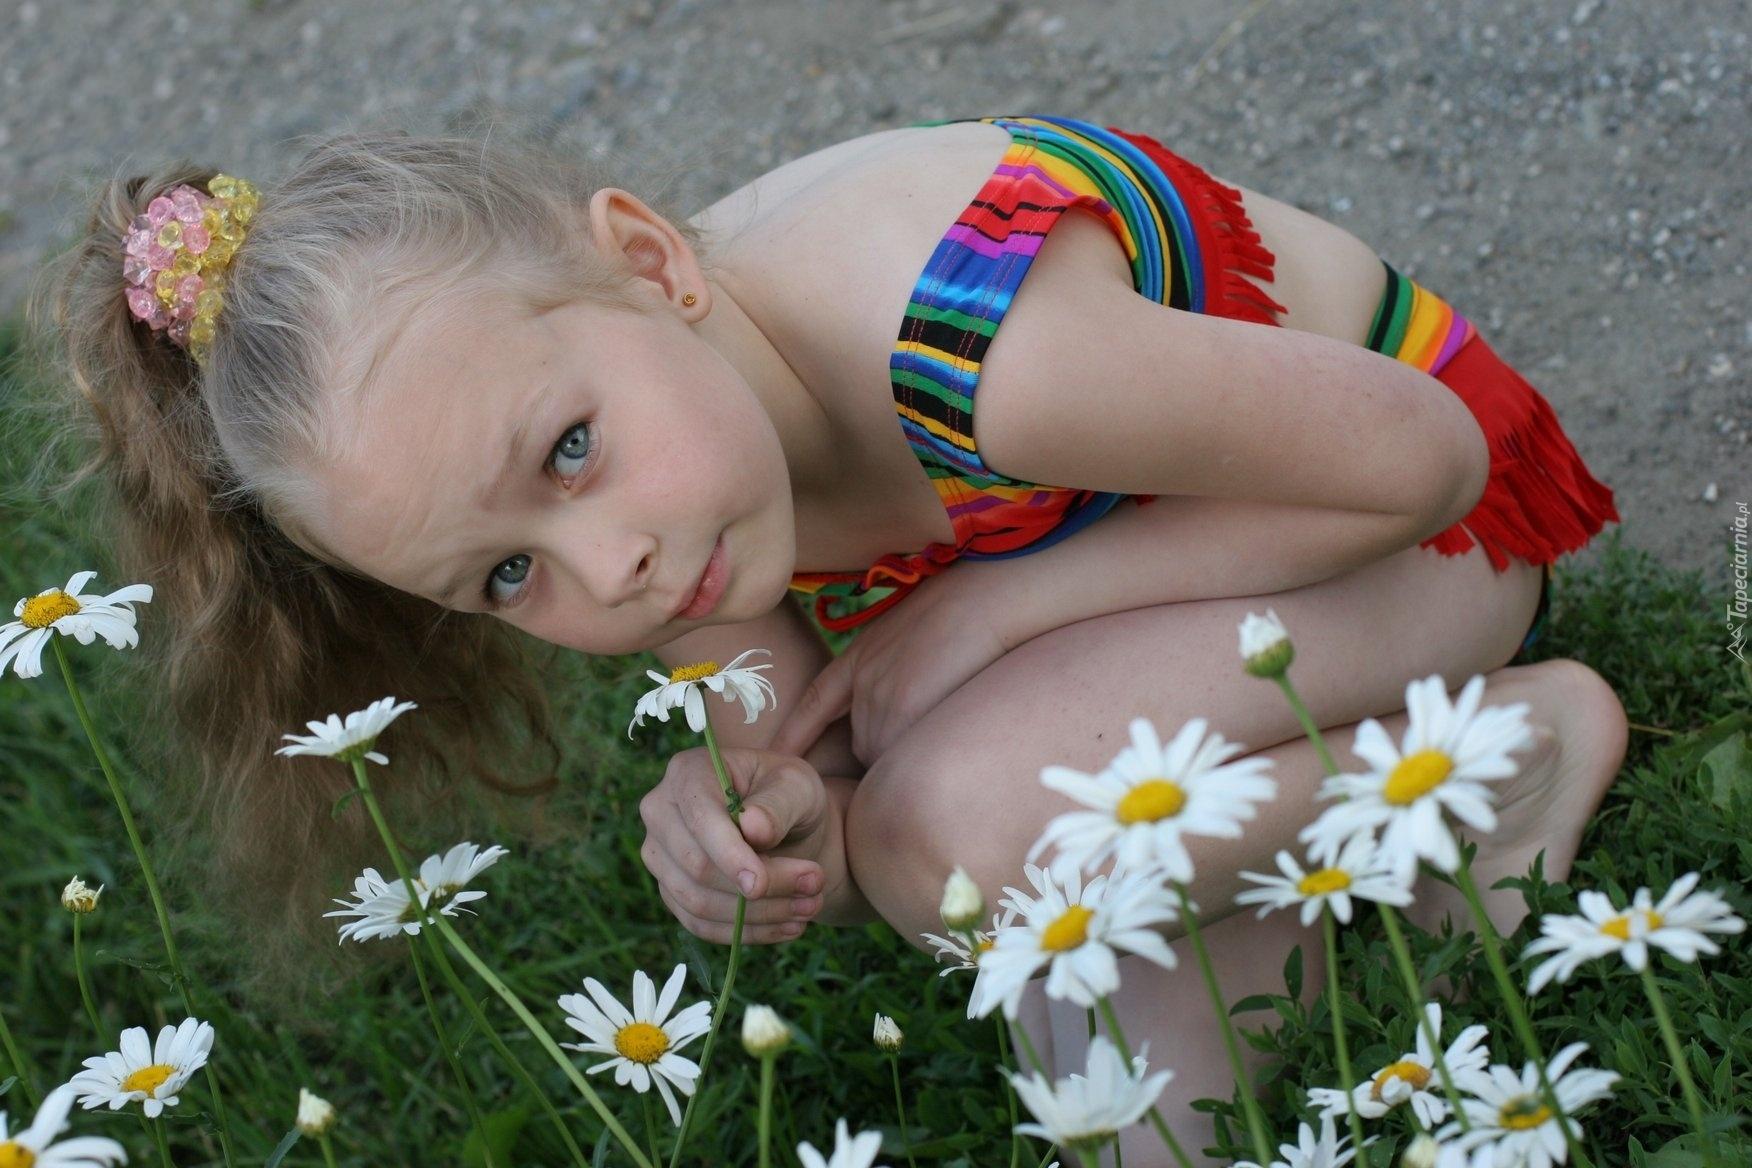 Фото эротика маленькая модель, Девочка созрела? Самые скандальные фотосессии юных 1 фотография